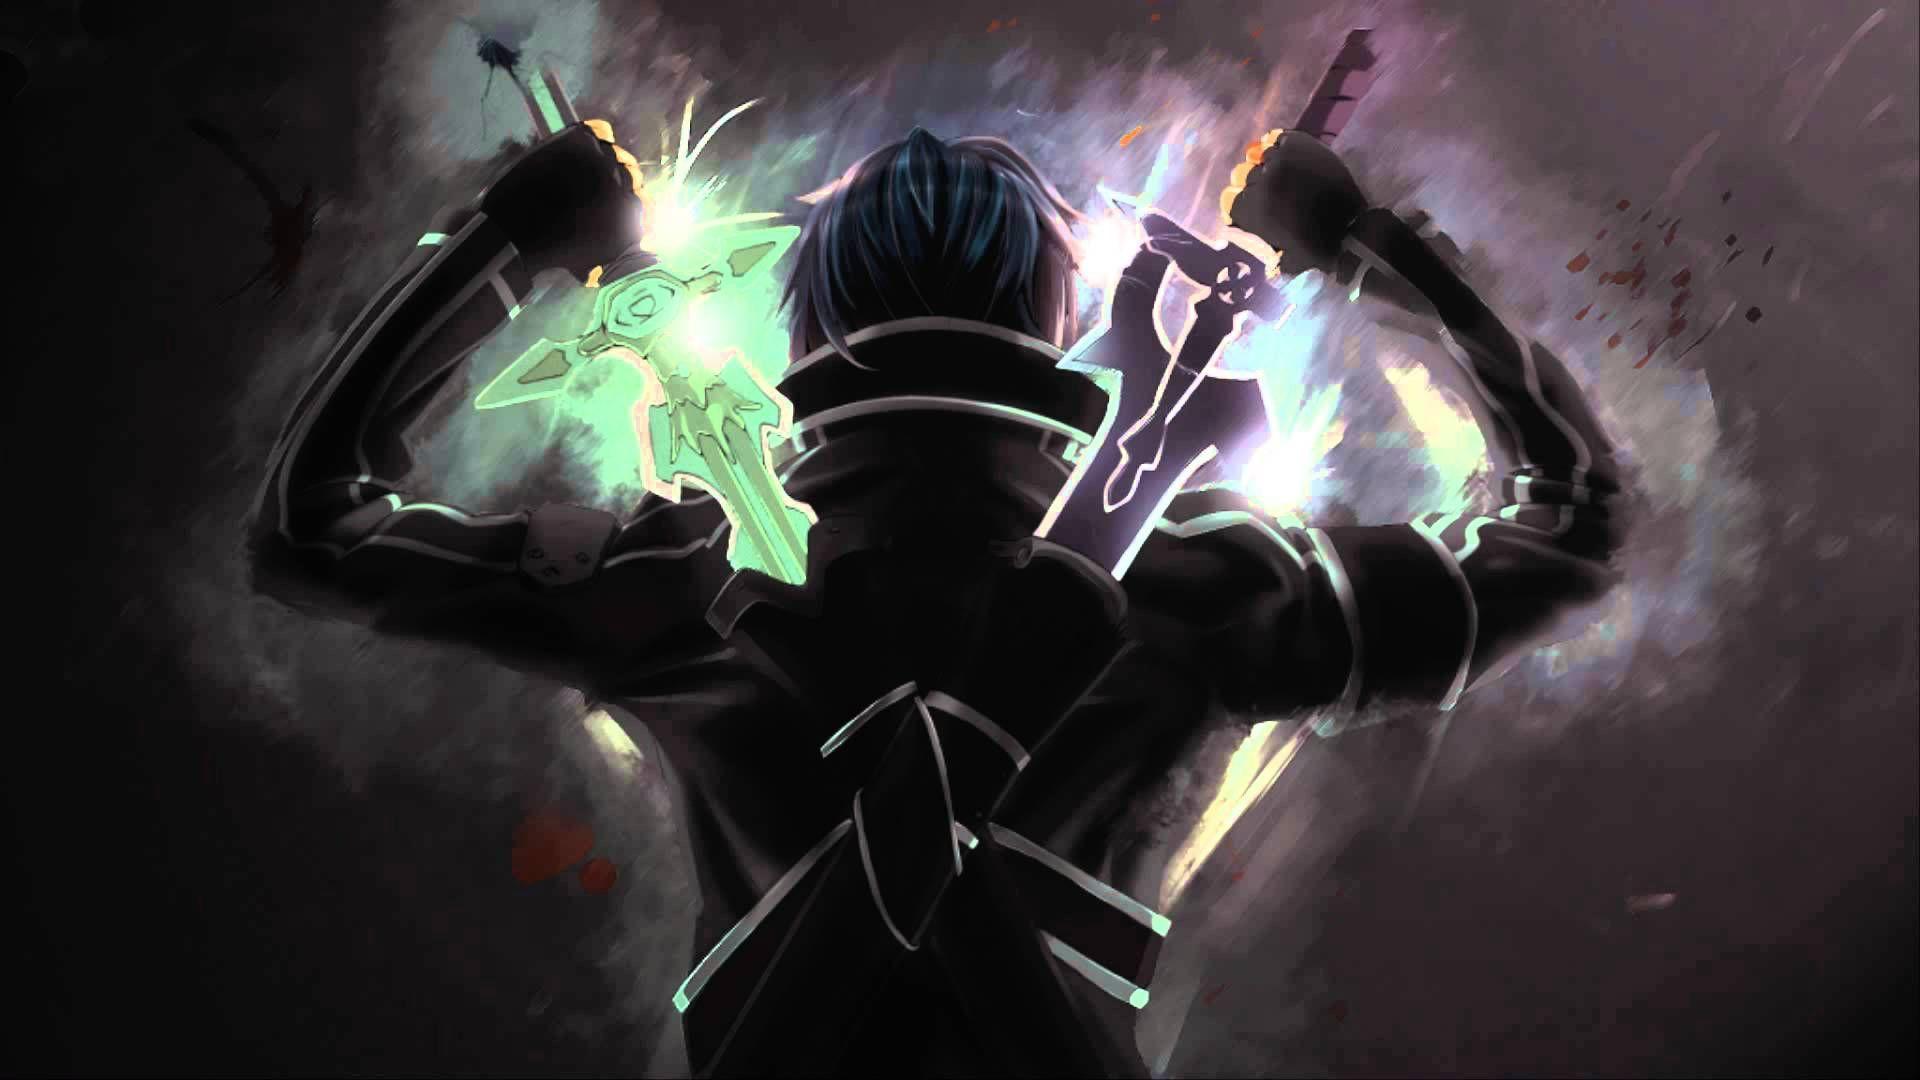 Animated Wallpaper Sword Art Online Sword Art Online Wallpaper Sword Art Online Online Art